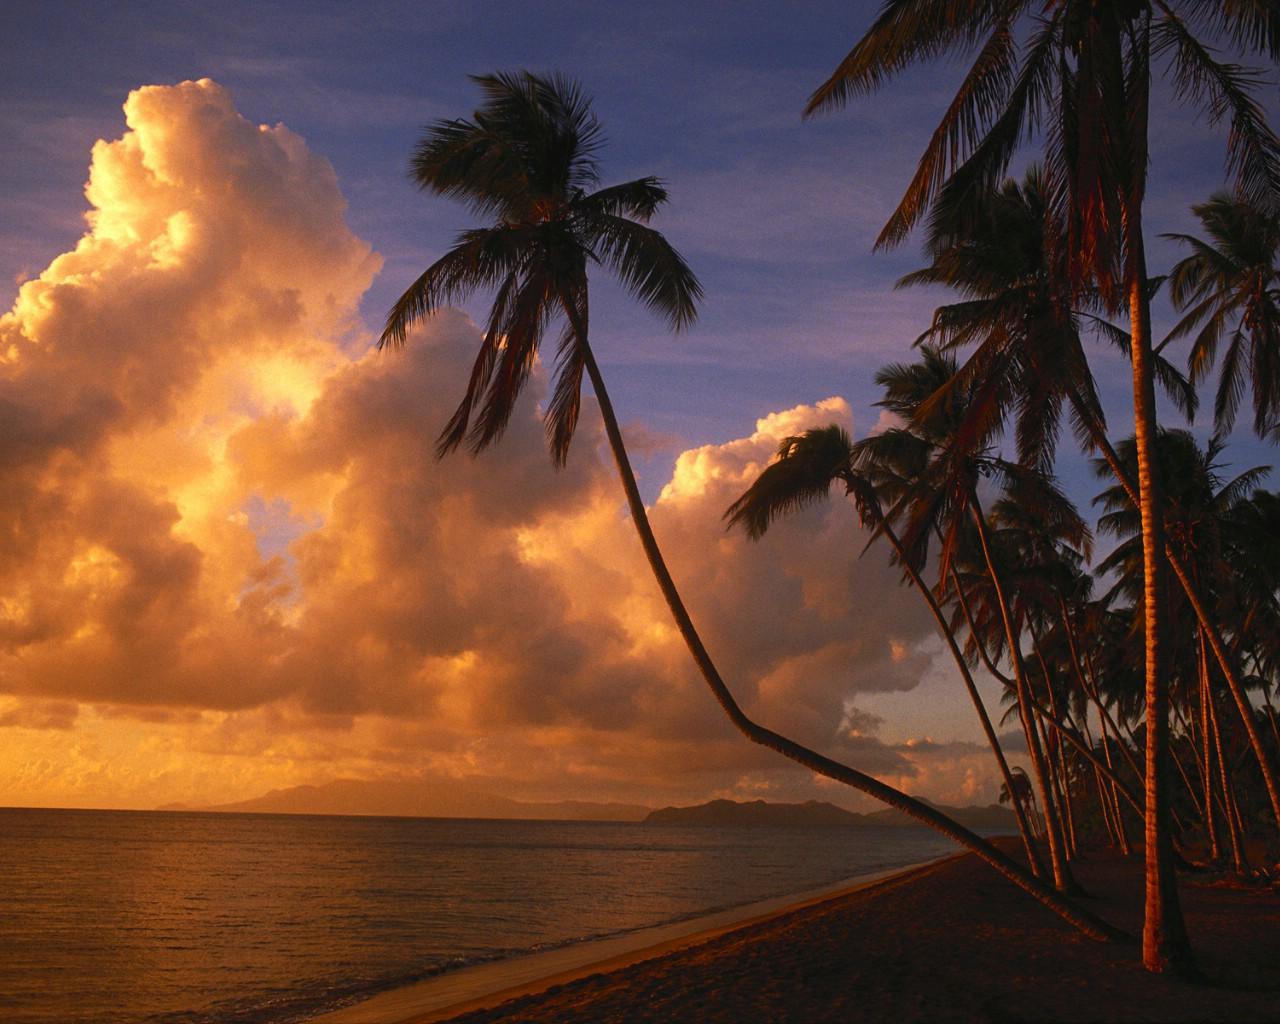 暮色映照的椰林海岸壁纸图片壁纸壁纸 大自然纯朴之美壁纸图片风景